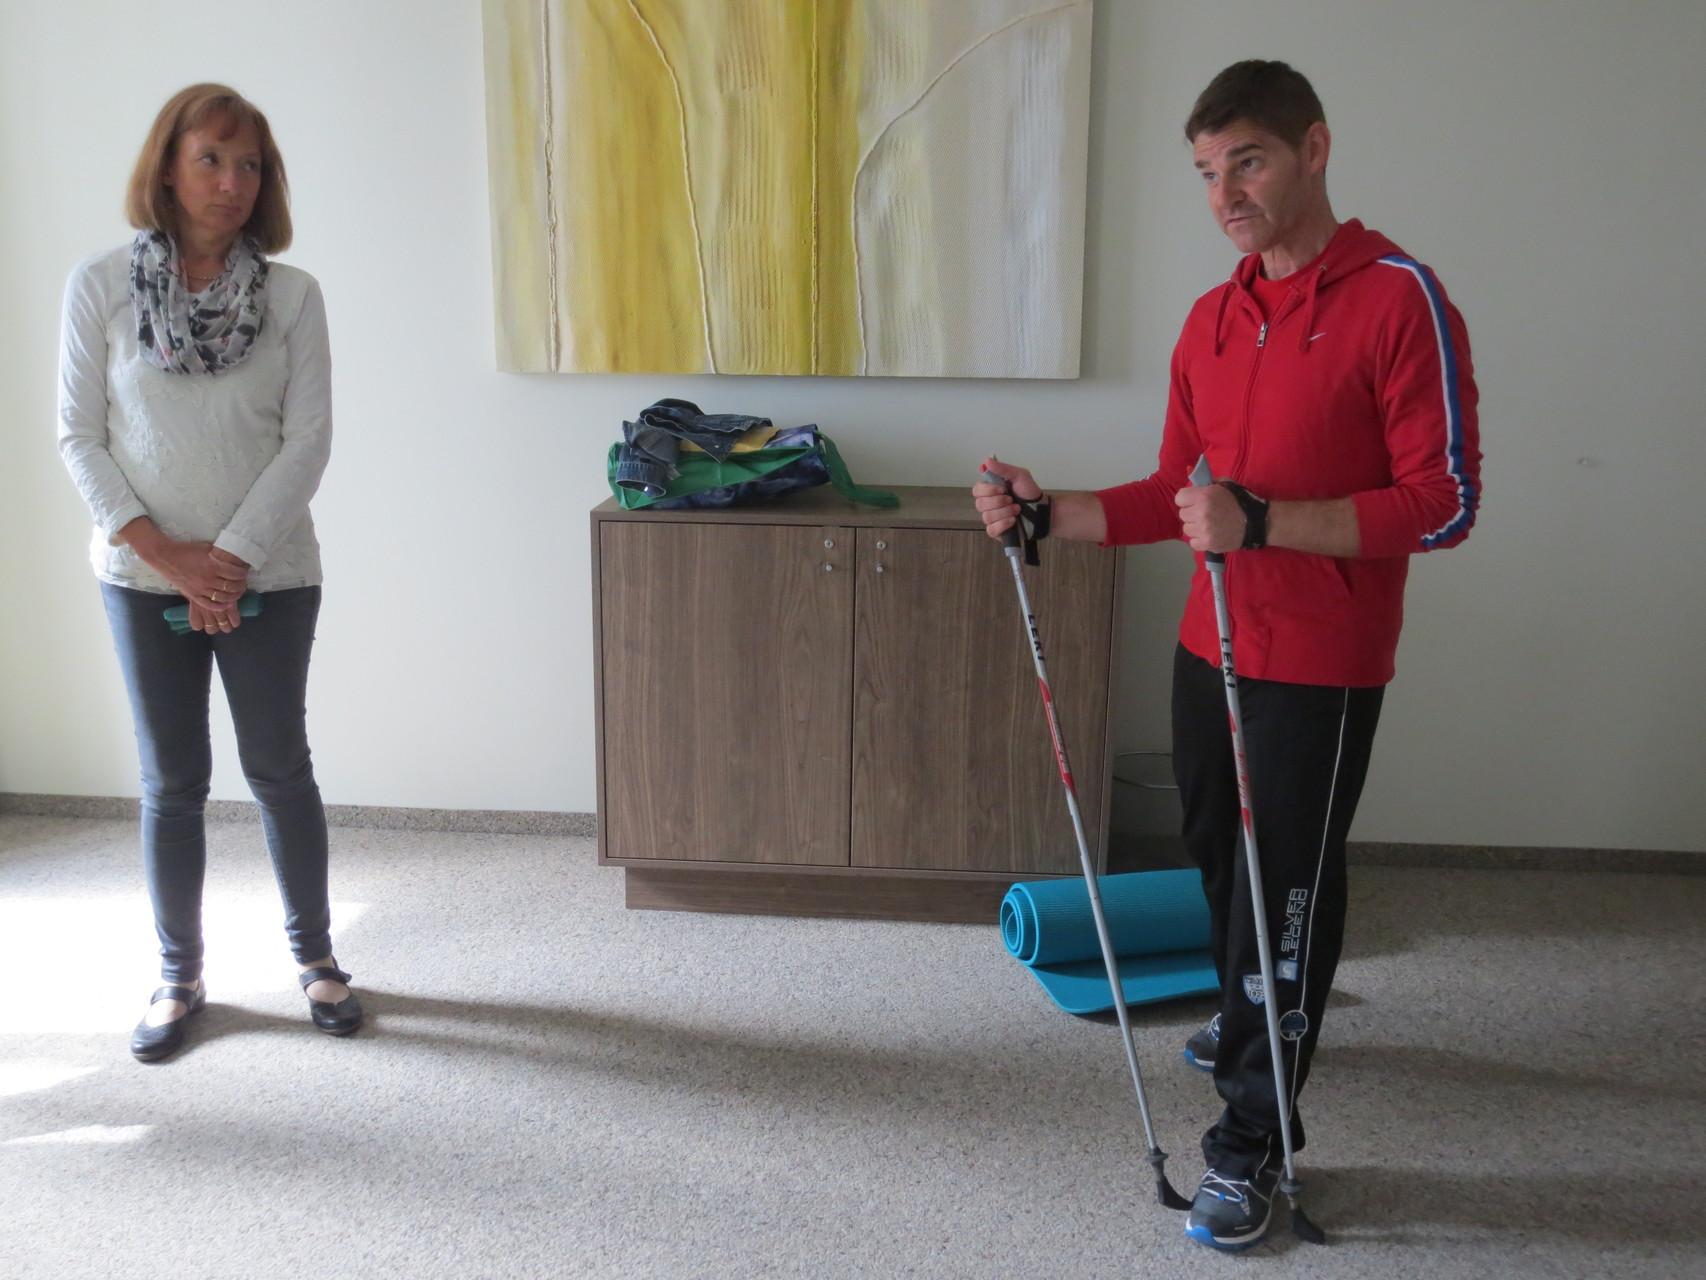 Übungen Nordic Walking mit dipl. Gesundheitstrainer INAG Corrado Oberto (VDSV-Mitglied Corinne Bolliger - links im Bild - verfolgt aufmerksam den Beitrag des Referenten)